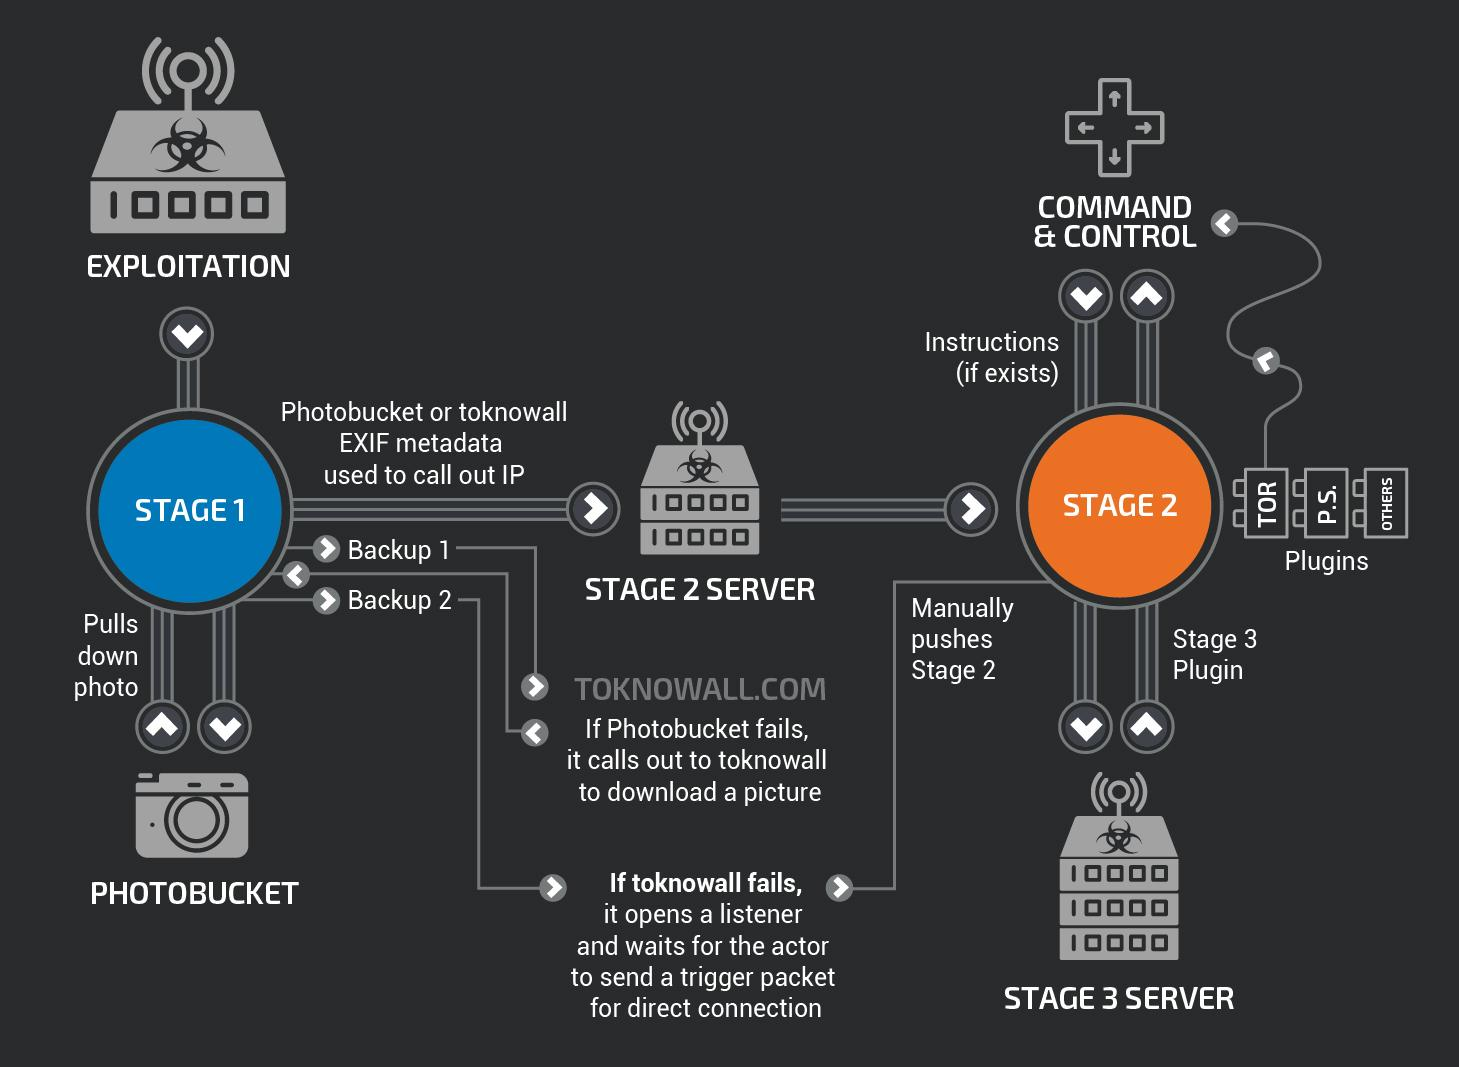 Новая кибератака на Украину: что такое вирус VPNFilter и как с ним бороться